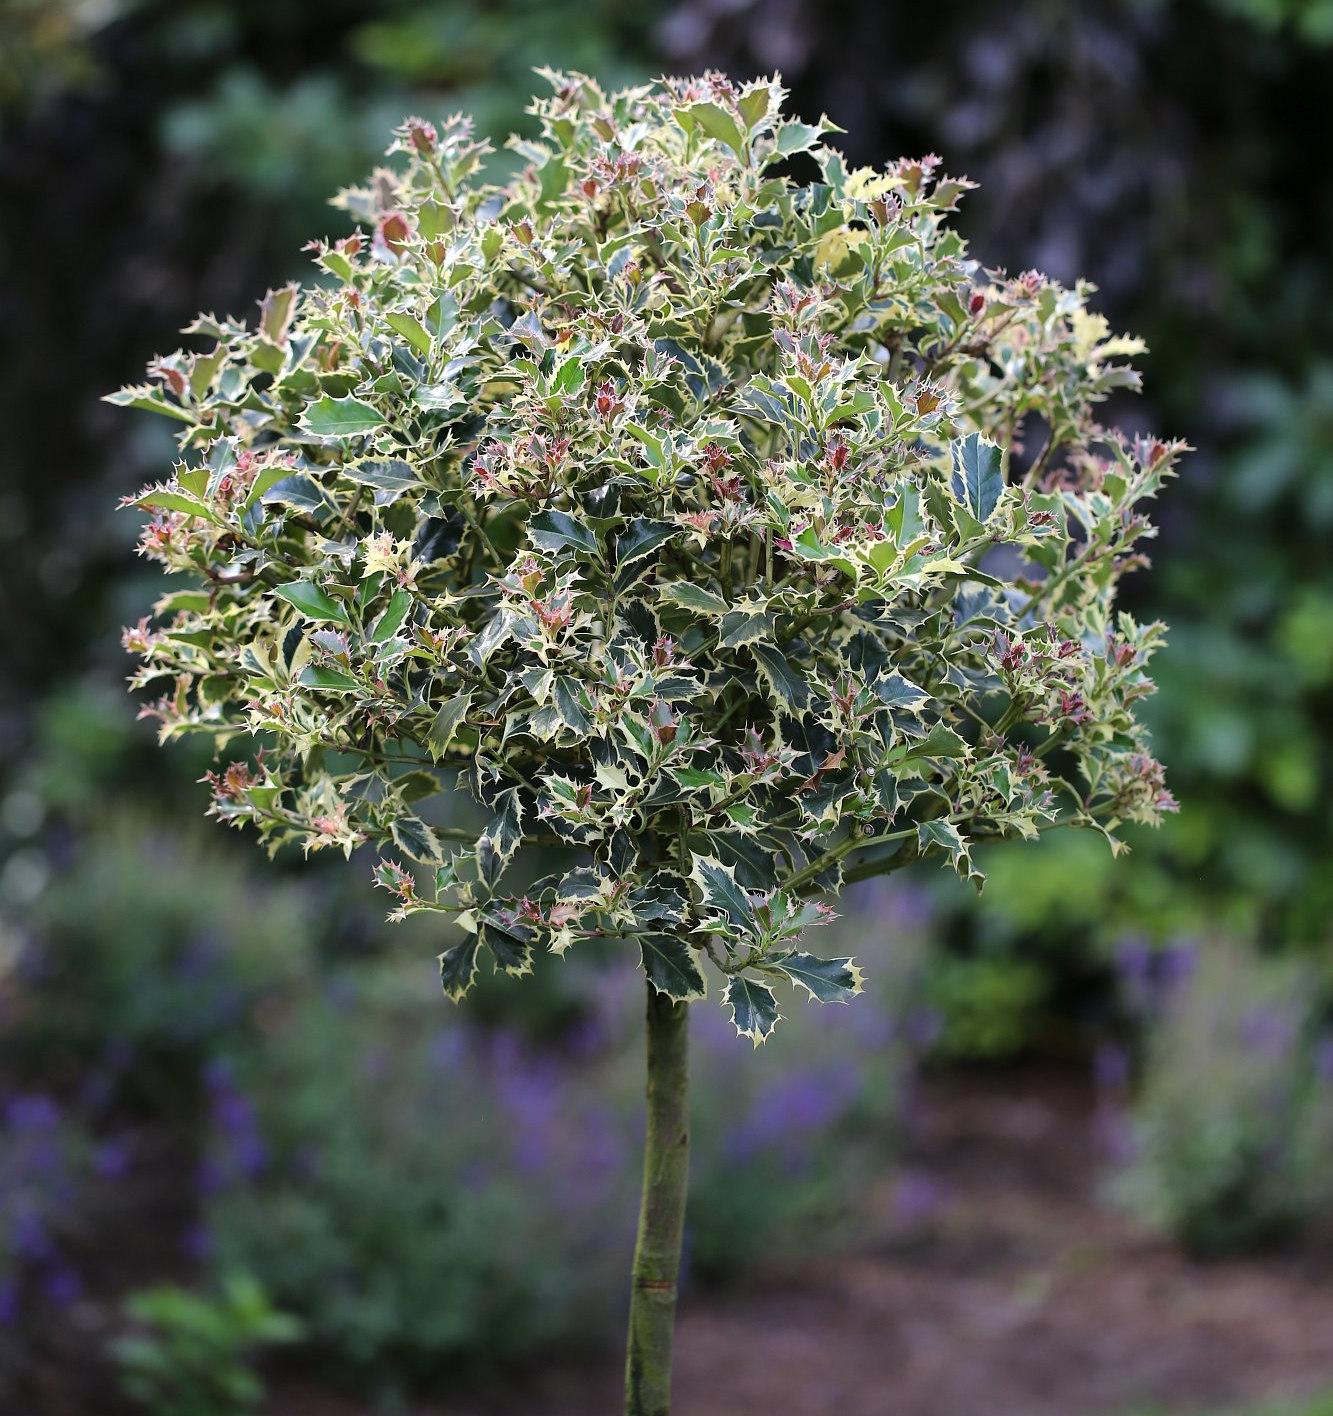 Hochstamm Stechpalme Stechpalme Stechpalme rot Tips 60-80cm - Ilex aquifolium c27b78